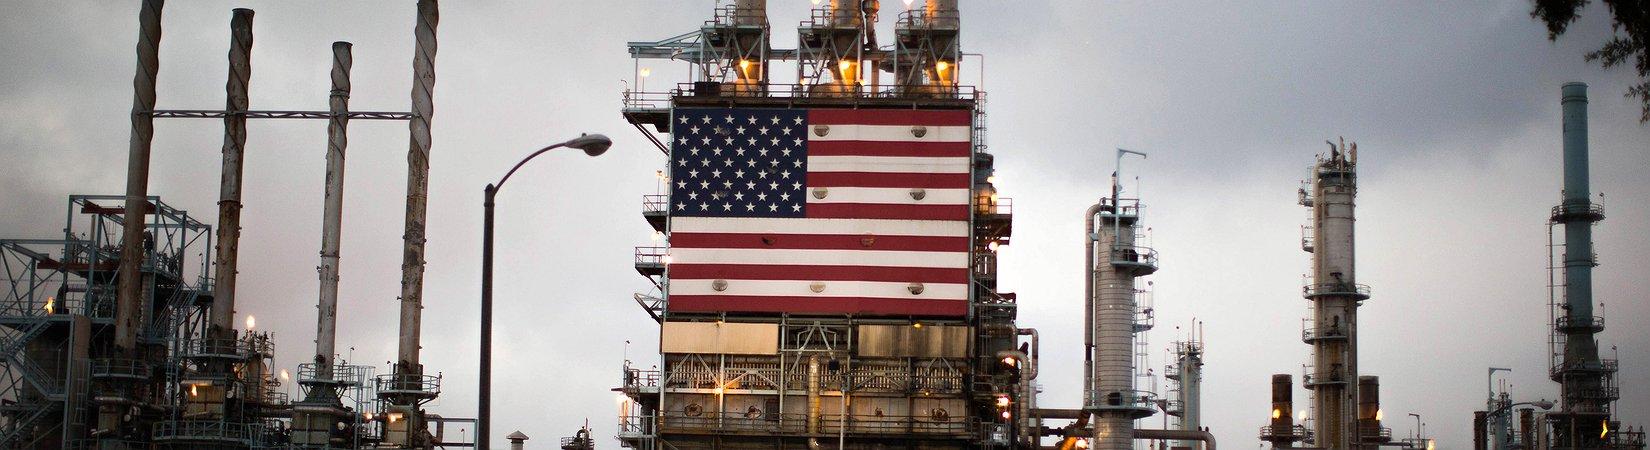 Как конфликт в Саудовской Аравии отразится на рынке нефти